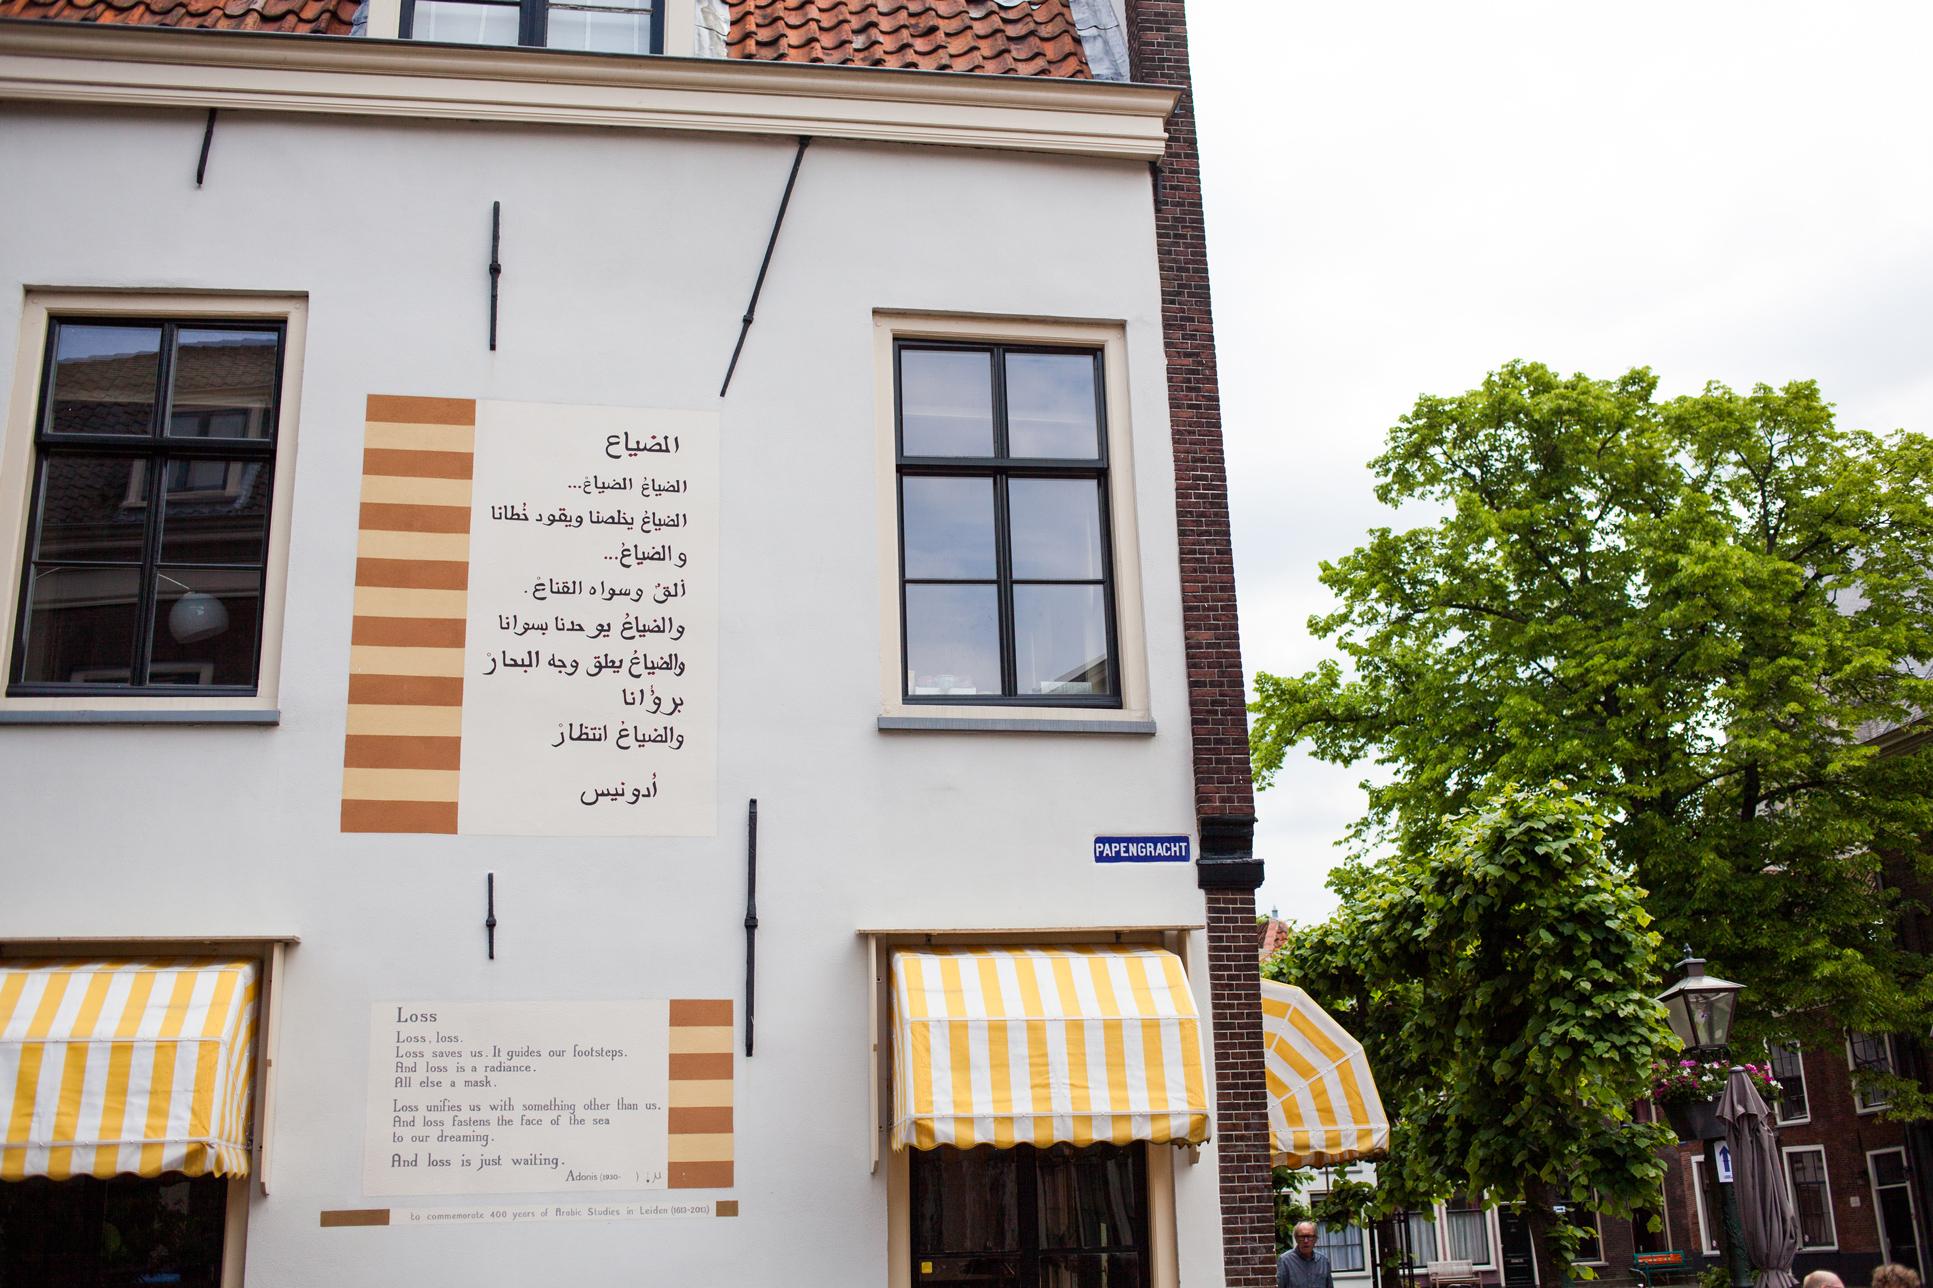 Foto: Muurgedichten // muurgedichten - Leiden - cultuur - bezienswaardigheden - wandelen